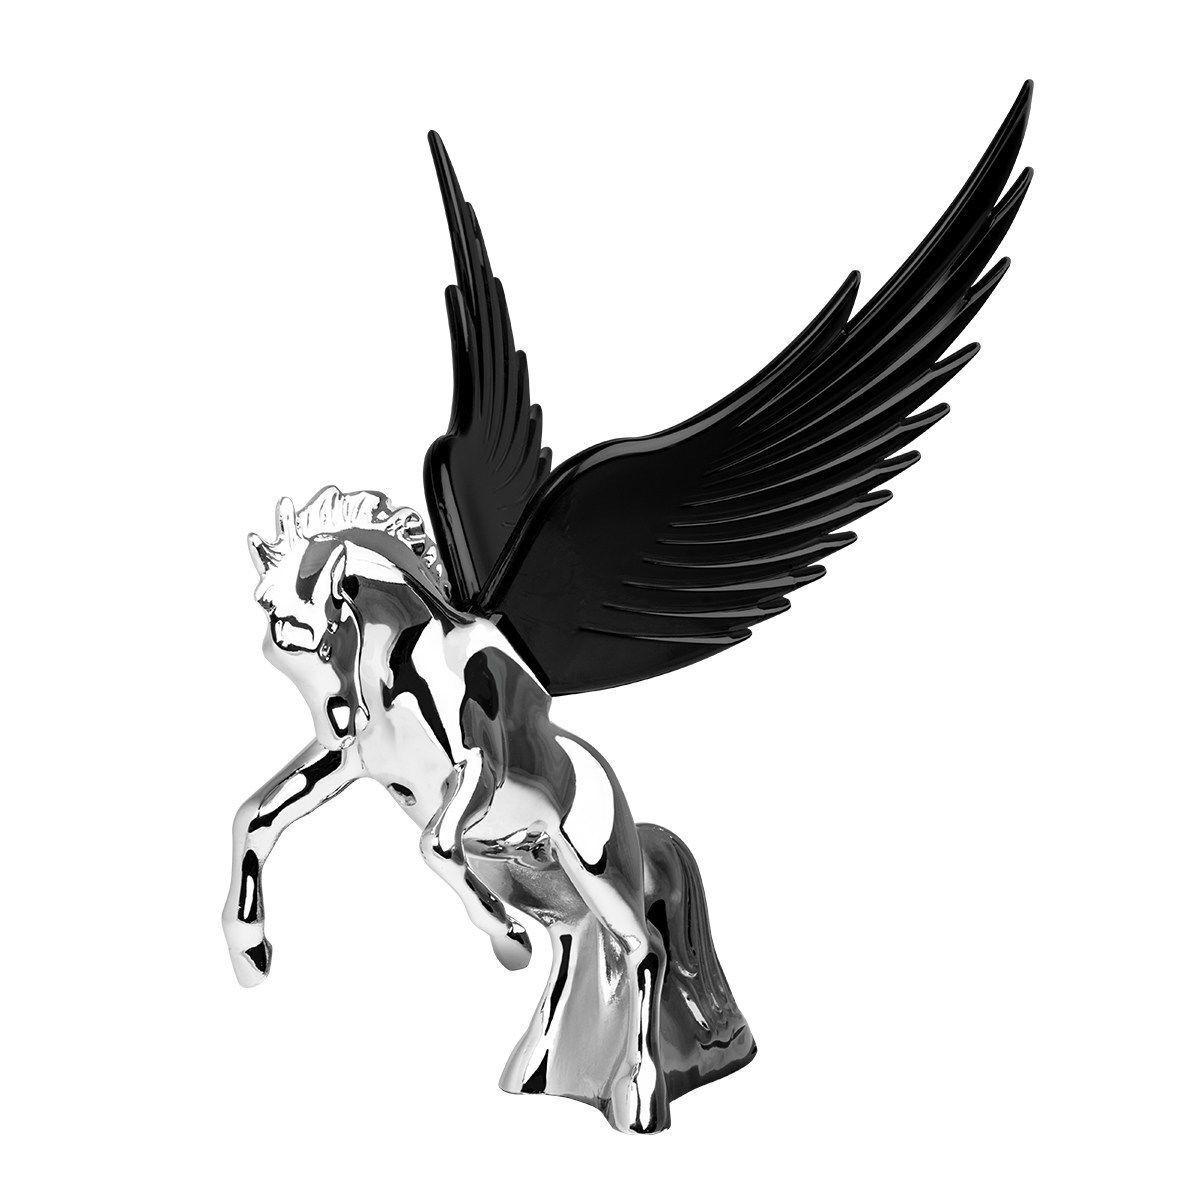 Hood Ornament Flying Stallion Chrome W Black Windrider